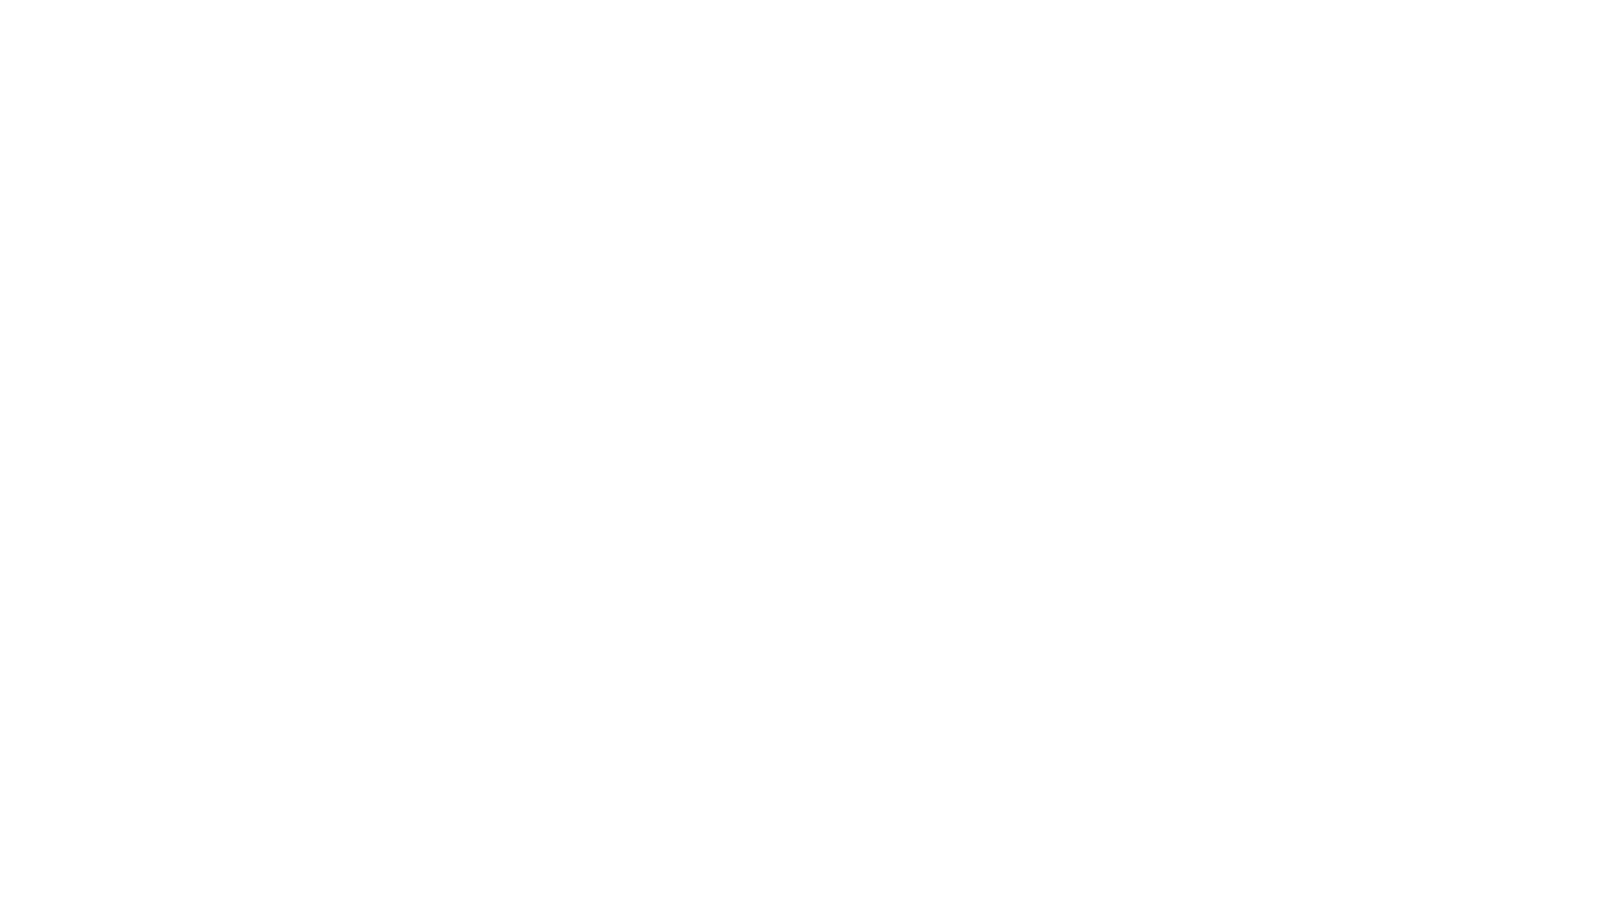 Pasamos un día increíble el 1ro de Octubre en Magic Kingdom. Celebramos los 50 años del parque con amigos y disfrutamos de los nuevos shows. Estamos tan contentas que vamos a hacer un sorteo súper especial! ✨🥰 Dejamos todos los detalles en el video.  Gracias Denis por pasar un rato con nosotras! ✨Denis Pitarch - Instagram: @_denisland_  00:54 Ingreso al Magic Kingdom; 01:36 Main Street Philharmonic; 01:58 Anuncio Sorteo!; 02:26 Jeff Vahle - Presidente de WDW Resort; 03:08 Main Street Confectionery; 04:48 Roy Disney; 05:20 50 Estatuas Aniversario; 05:46 Mickey's Celebration Cavalcade; 06:11 Denis Pitarch y la Big Thunder Mountain; 07:38 Snacks; 08:37 PhotoPass en el Aniversario; 09:02 Colección Disney Vault; 09:58 Beacon of Magic; 11:52 Disney Enchantment; 18:16 Conclusión del día.  😎 SEGUINOS EN LAS REDES: Instagram: https://www.instagram.com/oh.itsmagic/ Facebook: https://www.facebook.com/ohitismagic/ Twitter: https://twitter.com/ohitsmagicok Tik Tok: https://www.tiktok.com/@oh.itsmagic Web Site: https://ohitsmagic.com/ Apoya nuestro proyecto!: https://www.patreon.com/ohitsmagic  📨 CONTACTO: Si querés contarnos algo no dudes en escribirnos: info@ohitsmagic.com  Suscribíte a nuestro canal y enteráte de todo! 🙌  -TIPS E INFO DE DISNEY Y UNIVERSAL RESORT-  DISCLAIMER: OHITSMAGIC.COM es una guía turística online no oficial para los destinos Orlando y Walt Disney World Resort. Las opiniones vertidas en el sitio son privadas, para información oficial recurrir a los sitios oficiales de cada una de las marcas mencionadas. Todas las marcas tienen sus derechos reservados y se reproducen en el sitio al sólo fin editorial.